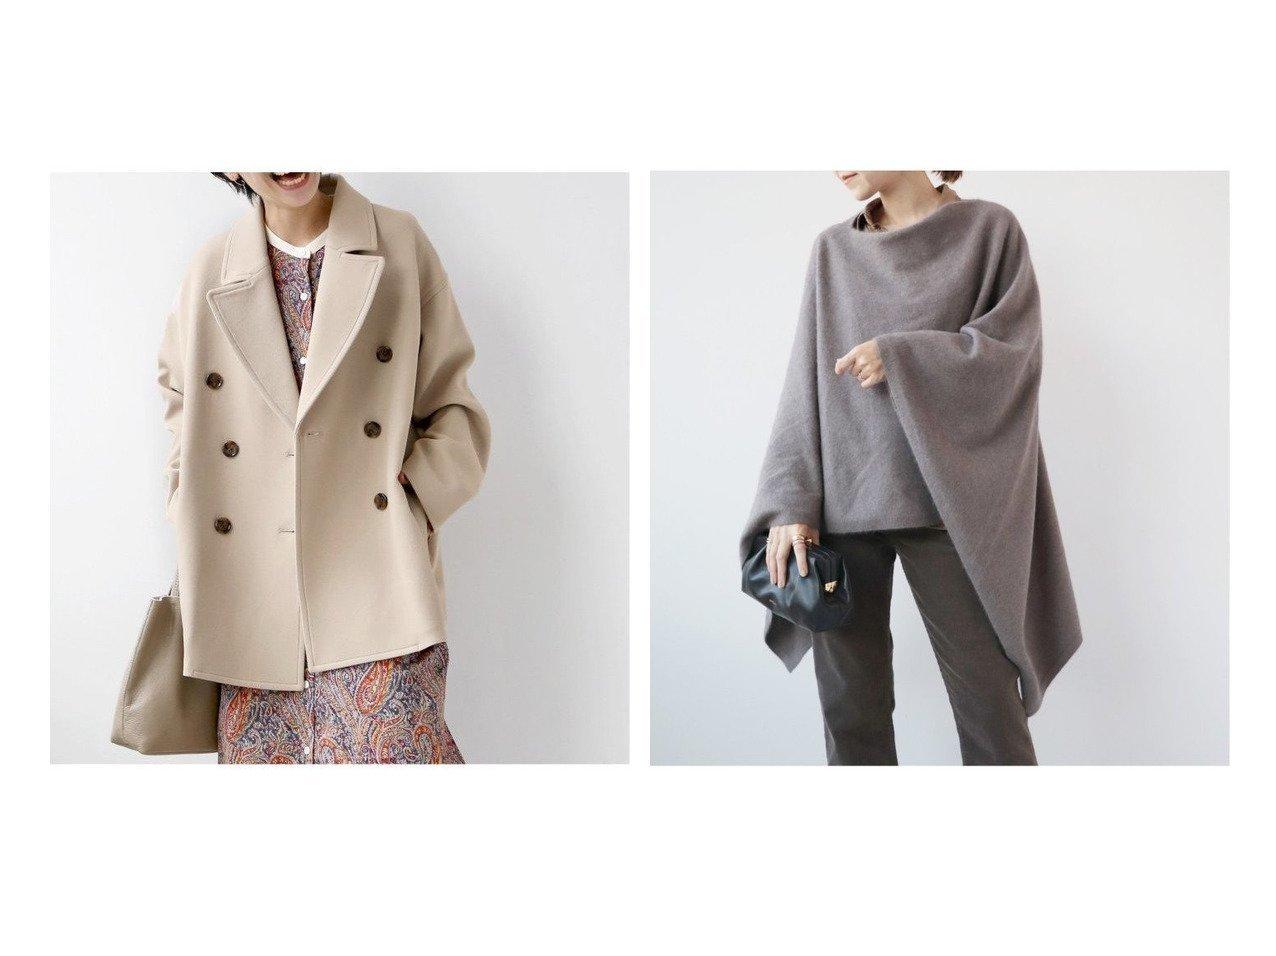 【JOURNAL STANDARD relume/ジャーナルスタンダード レリューム】のナノヒーティングスクエアPコート&【Plage/プラージュ】のFOX ポンチョ アウターのおすすめ!人気、レディースファッションの通販 おすすめで人気のファッション通販商品 インテリア・家具・キッズファッション・メンズファッション・レディースファッション・服の通販 founy(ファニー) https://founy.com/ ファッション Fashion レディース WOMEN アウター Coat Outerwear コート Coats Pコート Pea Coats ポンチョ Ponchos トップス Tops Tshirt ニット Knit Tops 秋冬 A/W Autumn/ Winter クラシック ショート ベーシック セーター ポンチョ リラックス |ID:crp329100000002826